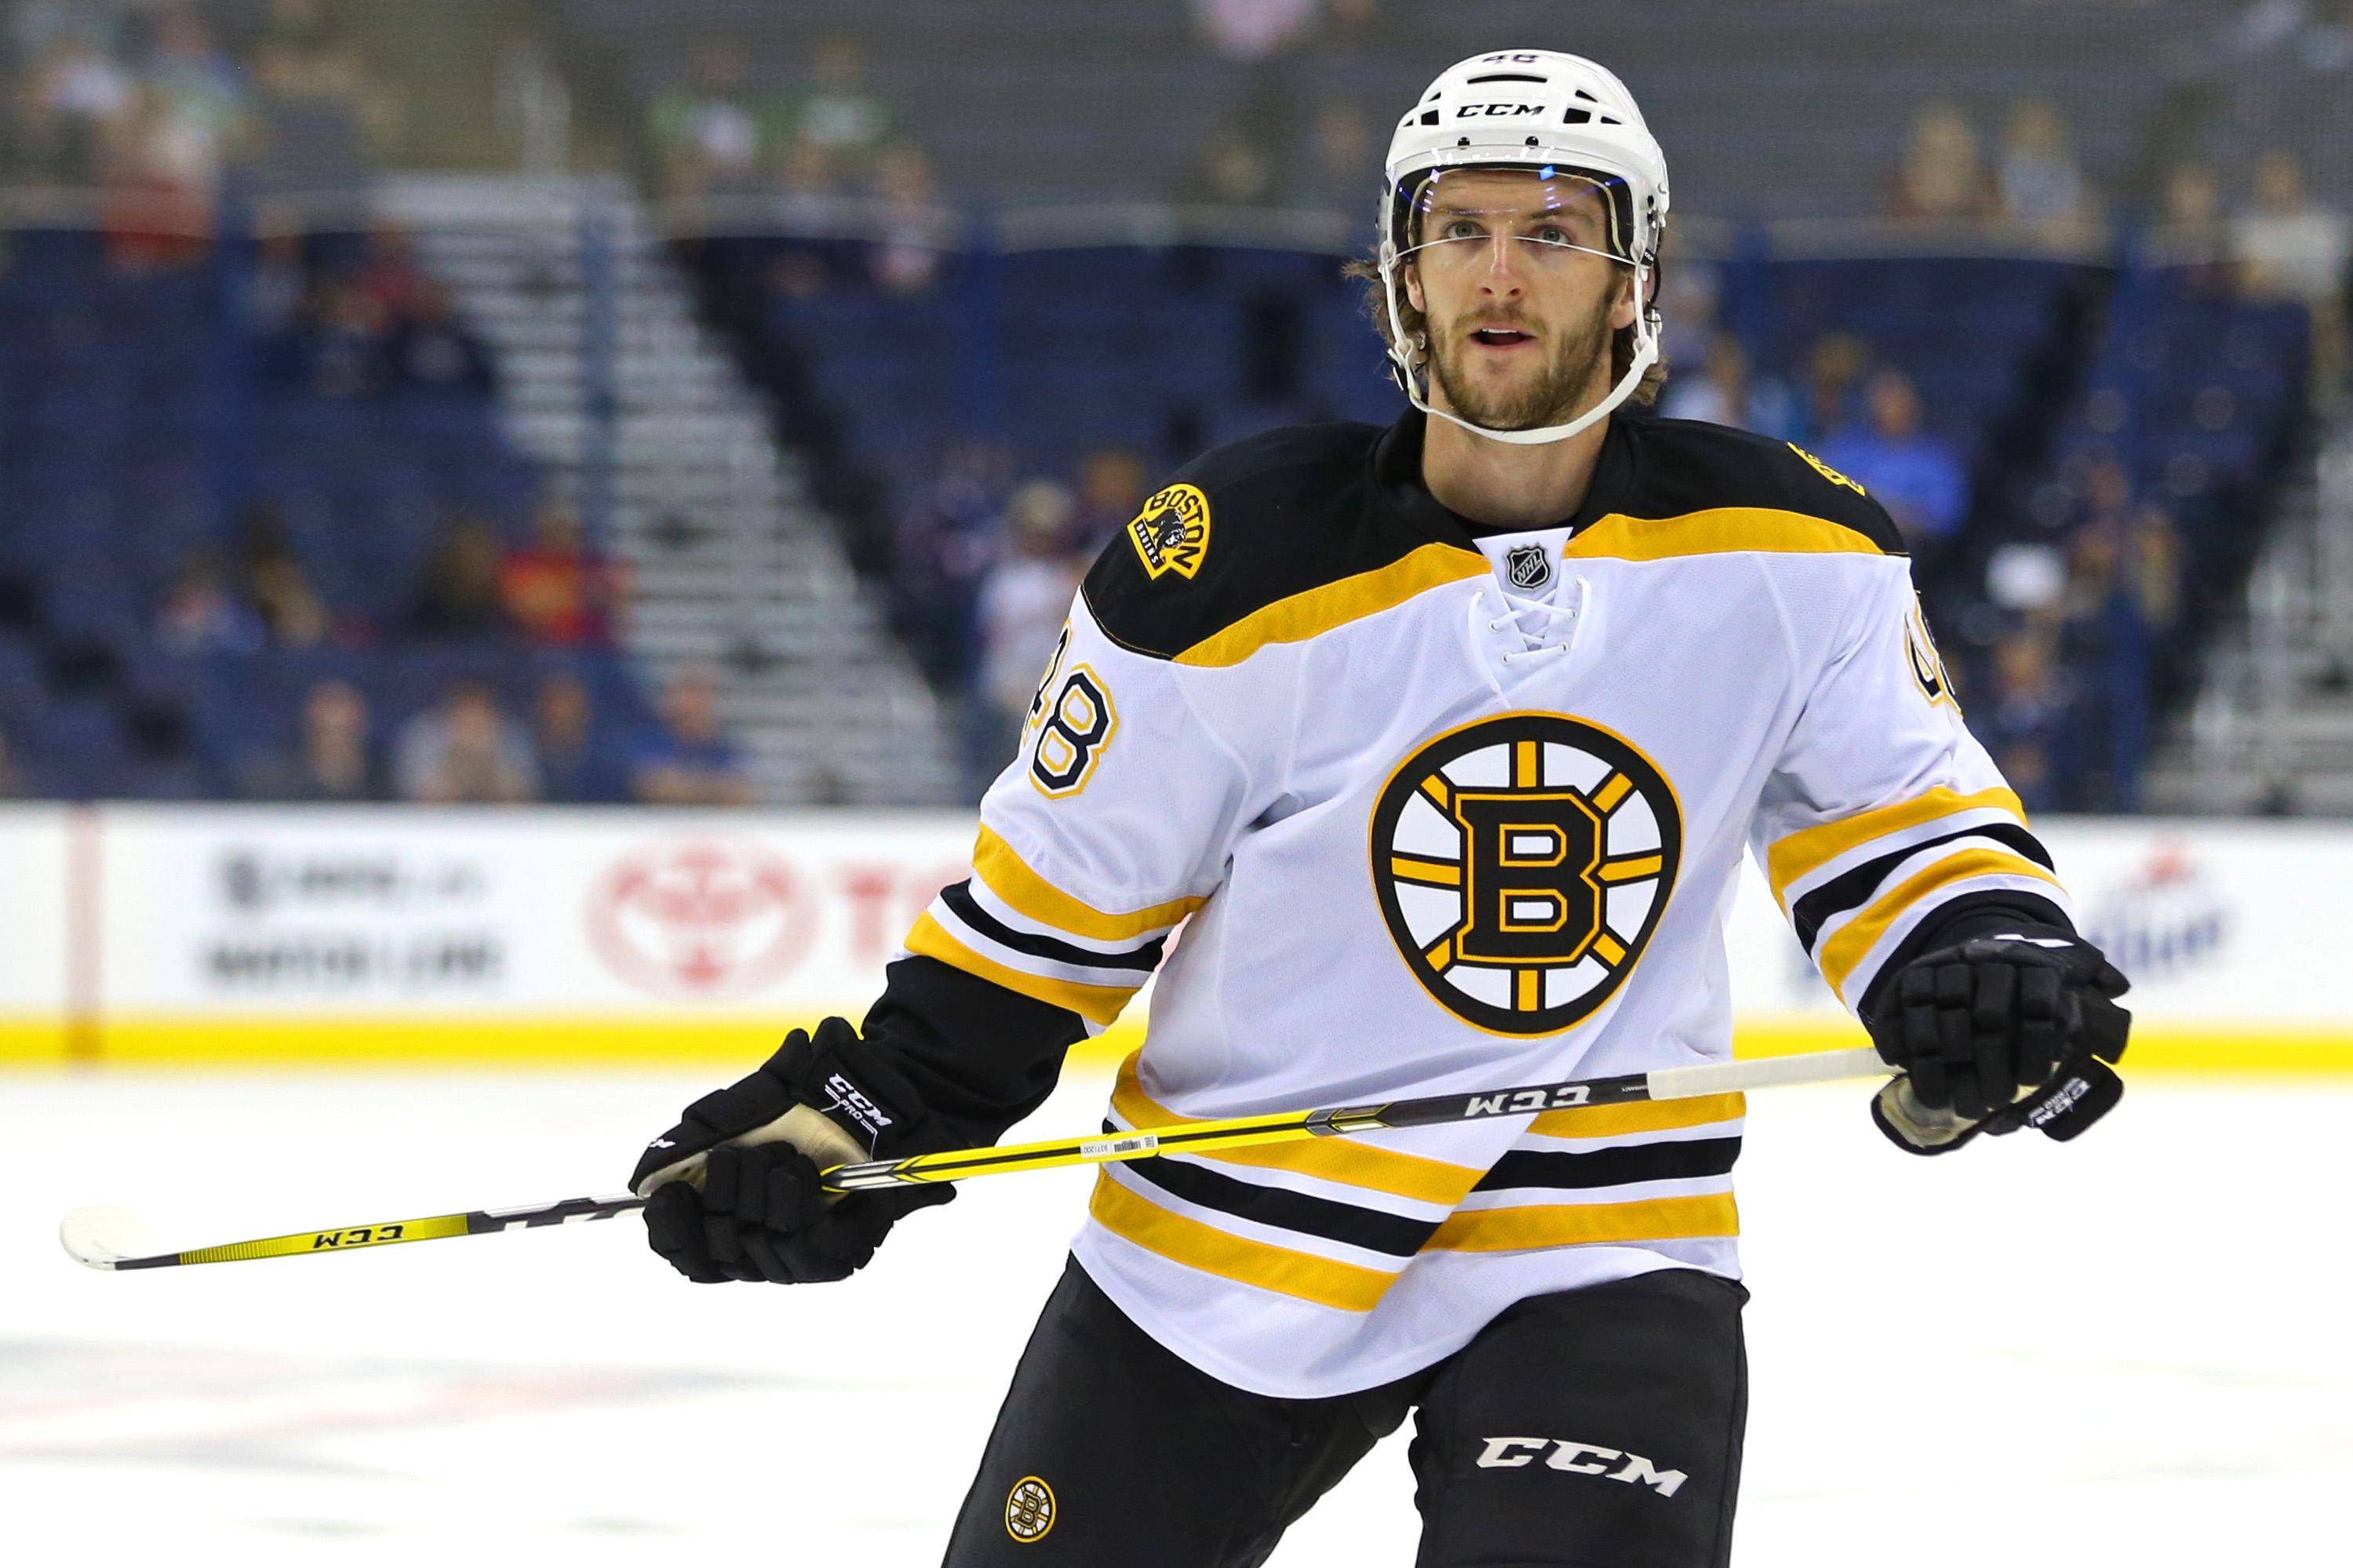 NHL: Preseason-Boston Bruins at Columbus Blue Jackets